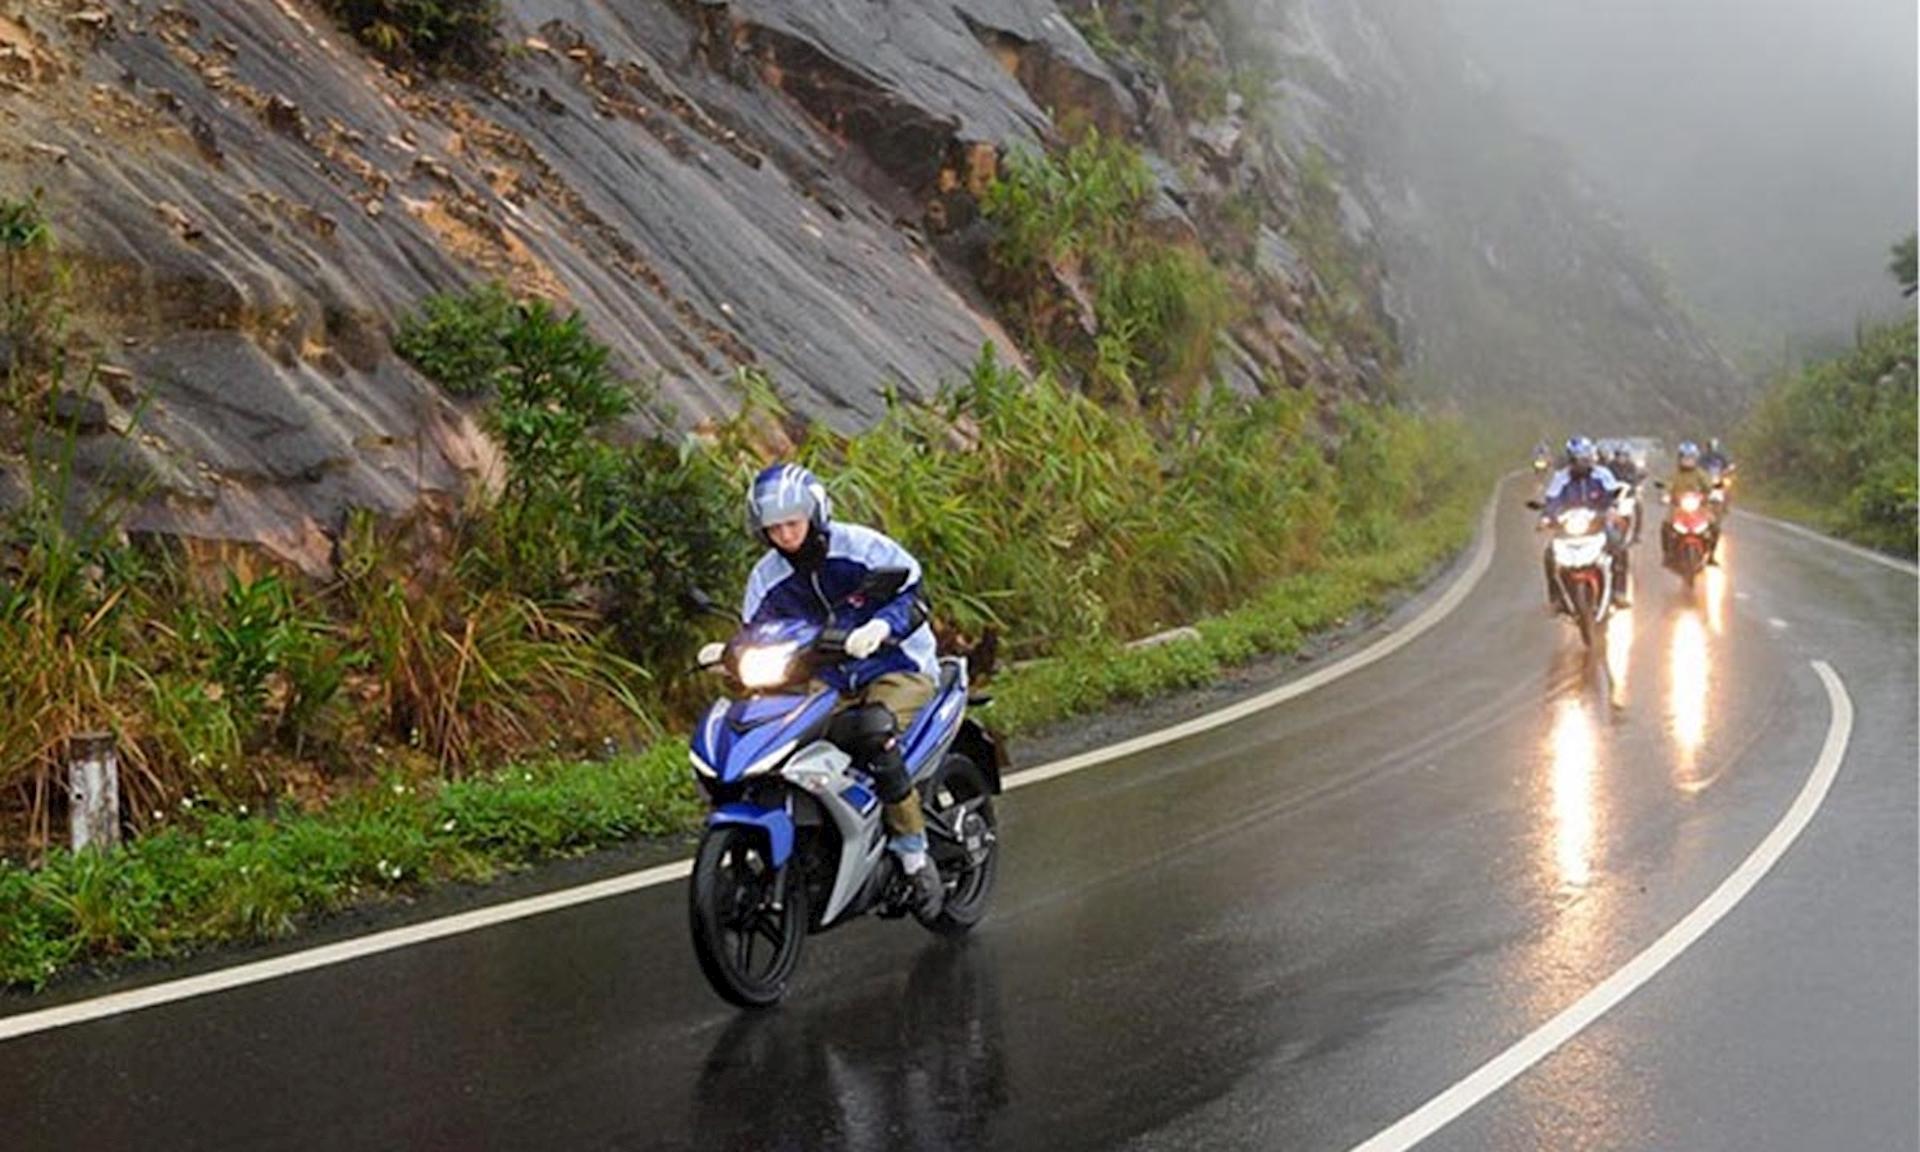 Mùa mưa đến người sử dụng xe máy cần lưu ý những điều gì